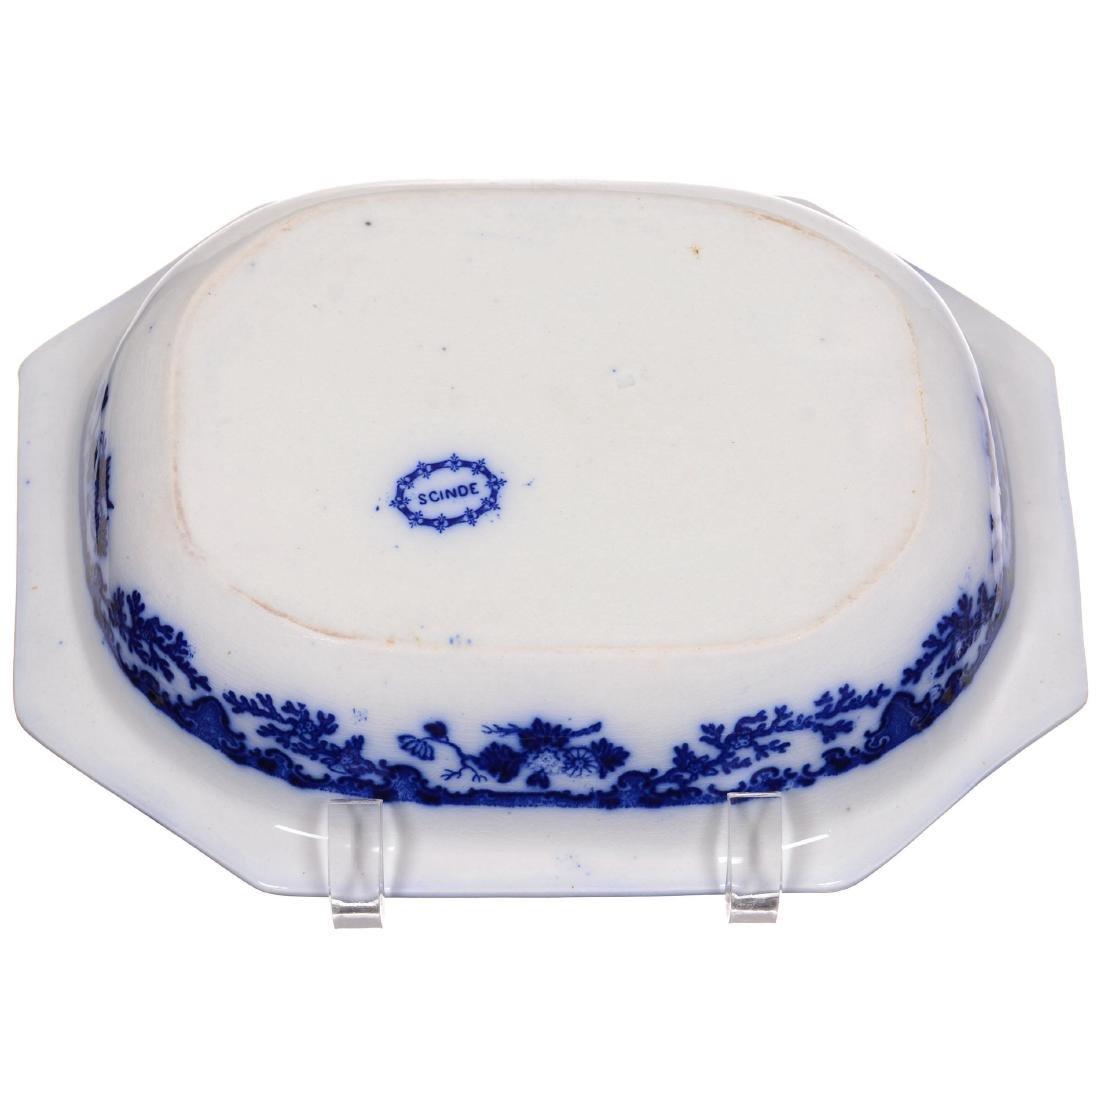 Flow Blue Scinde Pattern Vegetable Dish - 2